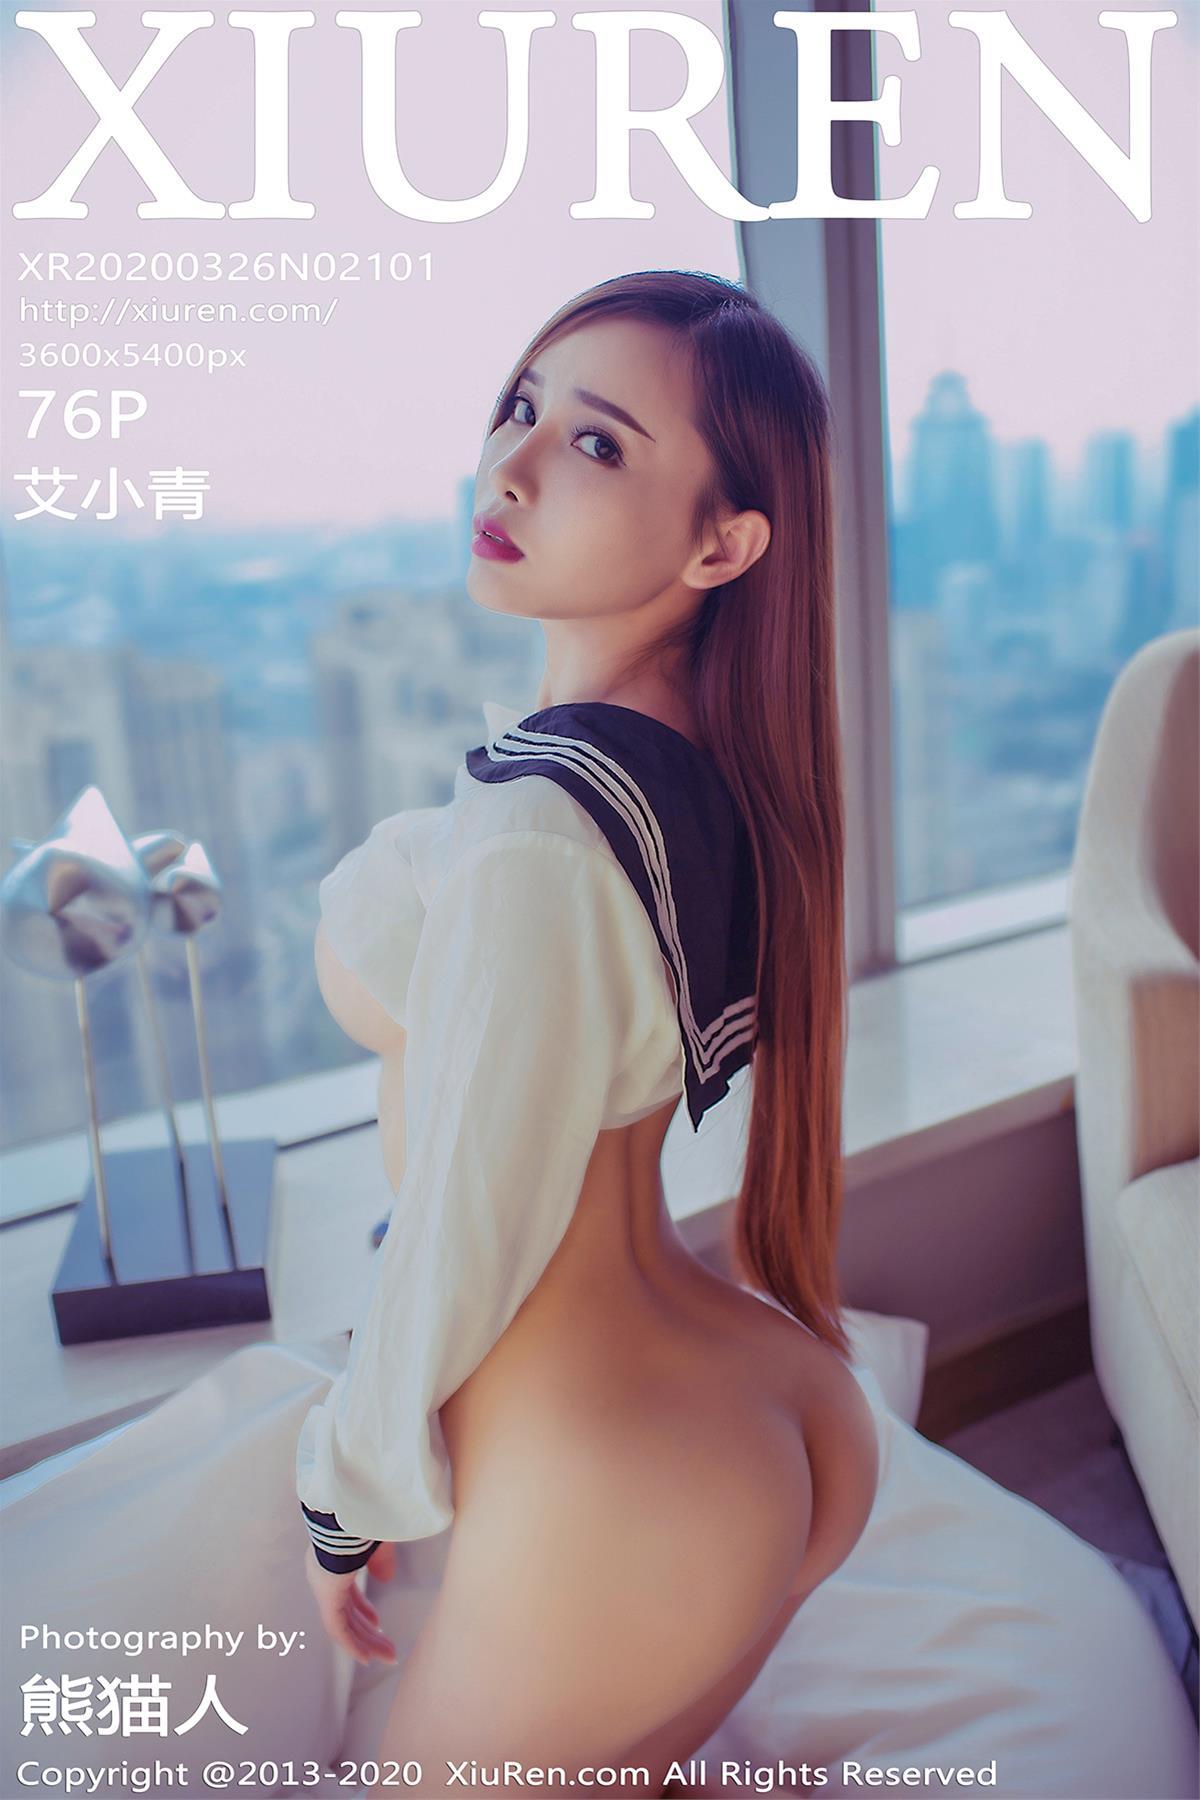 [XiuRen秀人网] 2020.03.26 NO.2101 艾小青 [77P]